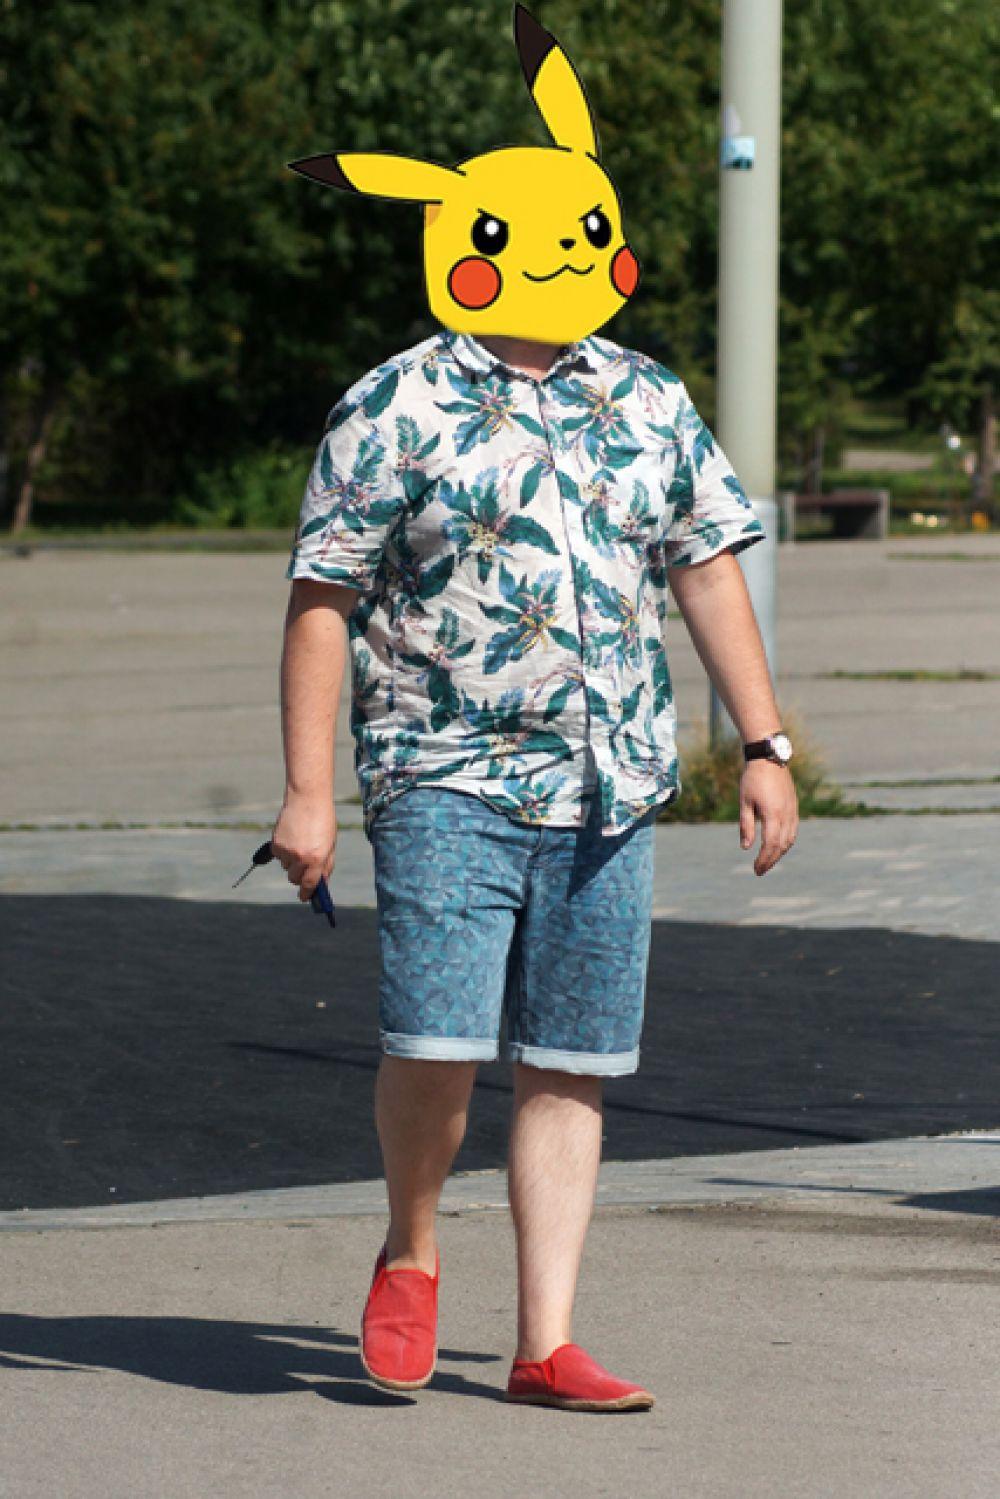 Образ пермяка стилист обозначил как «весёлый путешественник». Яркая рубашка с цветочным принтом, шорты и красные слипоны, словно только что сошёл с самолета, прилетевшего из Майями, размышляет он. «Радует и то, что имея пивной живот, не заправил рубаху в шорты», – в конце сказал Рудаков.